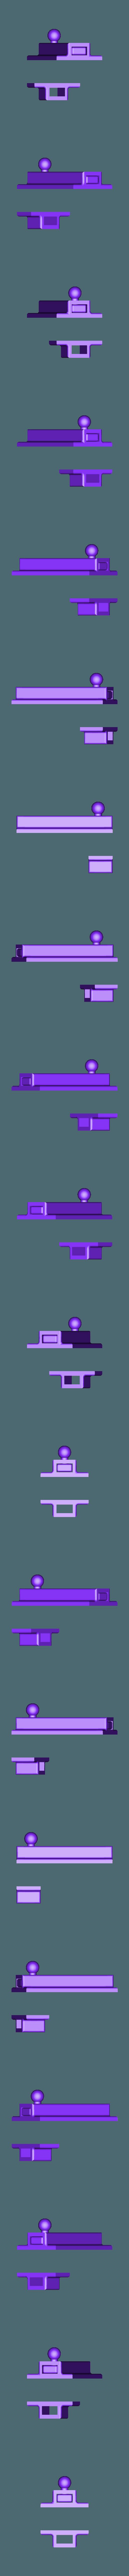 Assembled_sliding_door_bolt_complete_no_support.stl Télécharger fichier STL gratuit Verrou de porte coulissante Impression entièrement assemblée • Design à imprimer en 3D, Sagittario